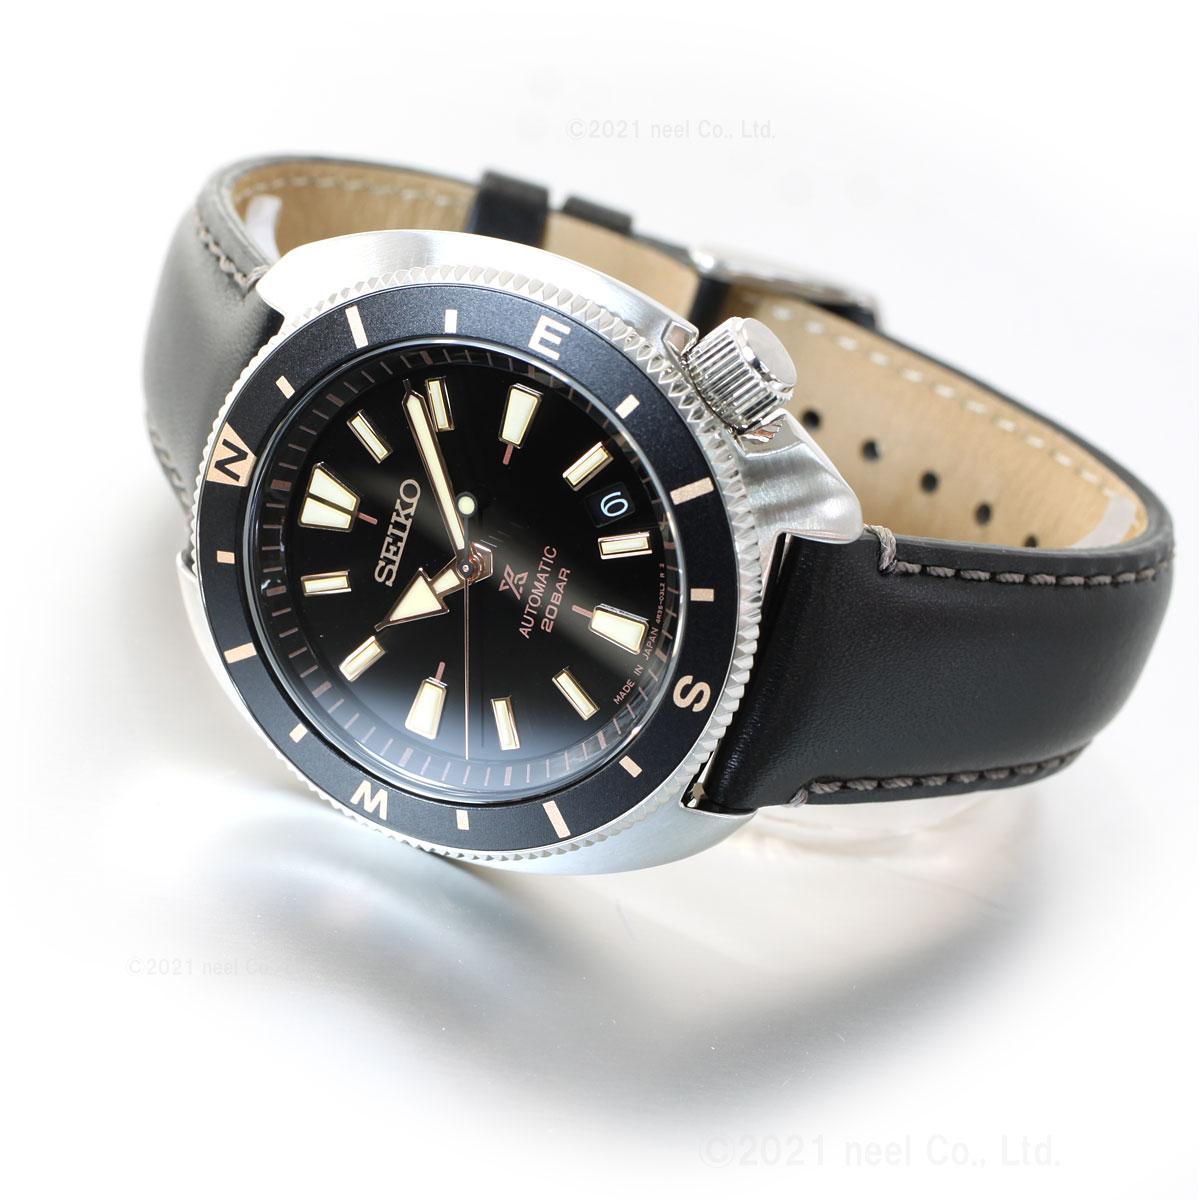 セイコー プロスペックス SEIKO PROSPEX フィールドマスター FIELDMASTER メカニカル 自動巻き 腕時計 メンズ SBDY103